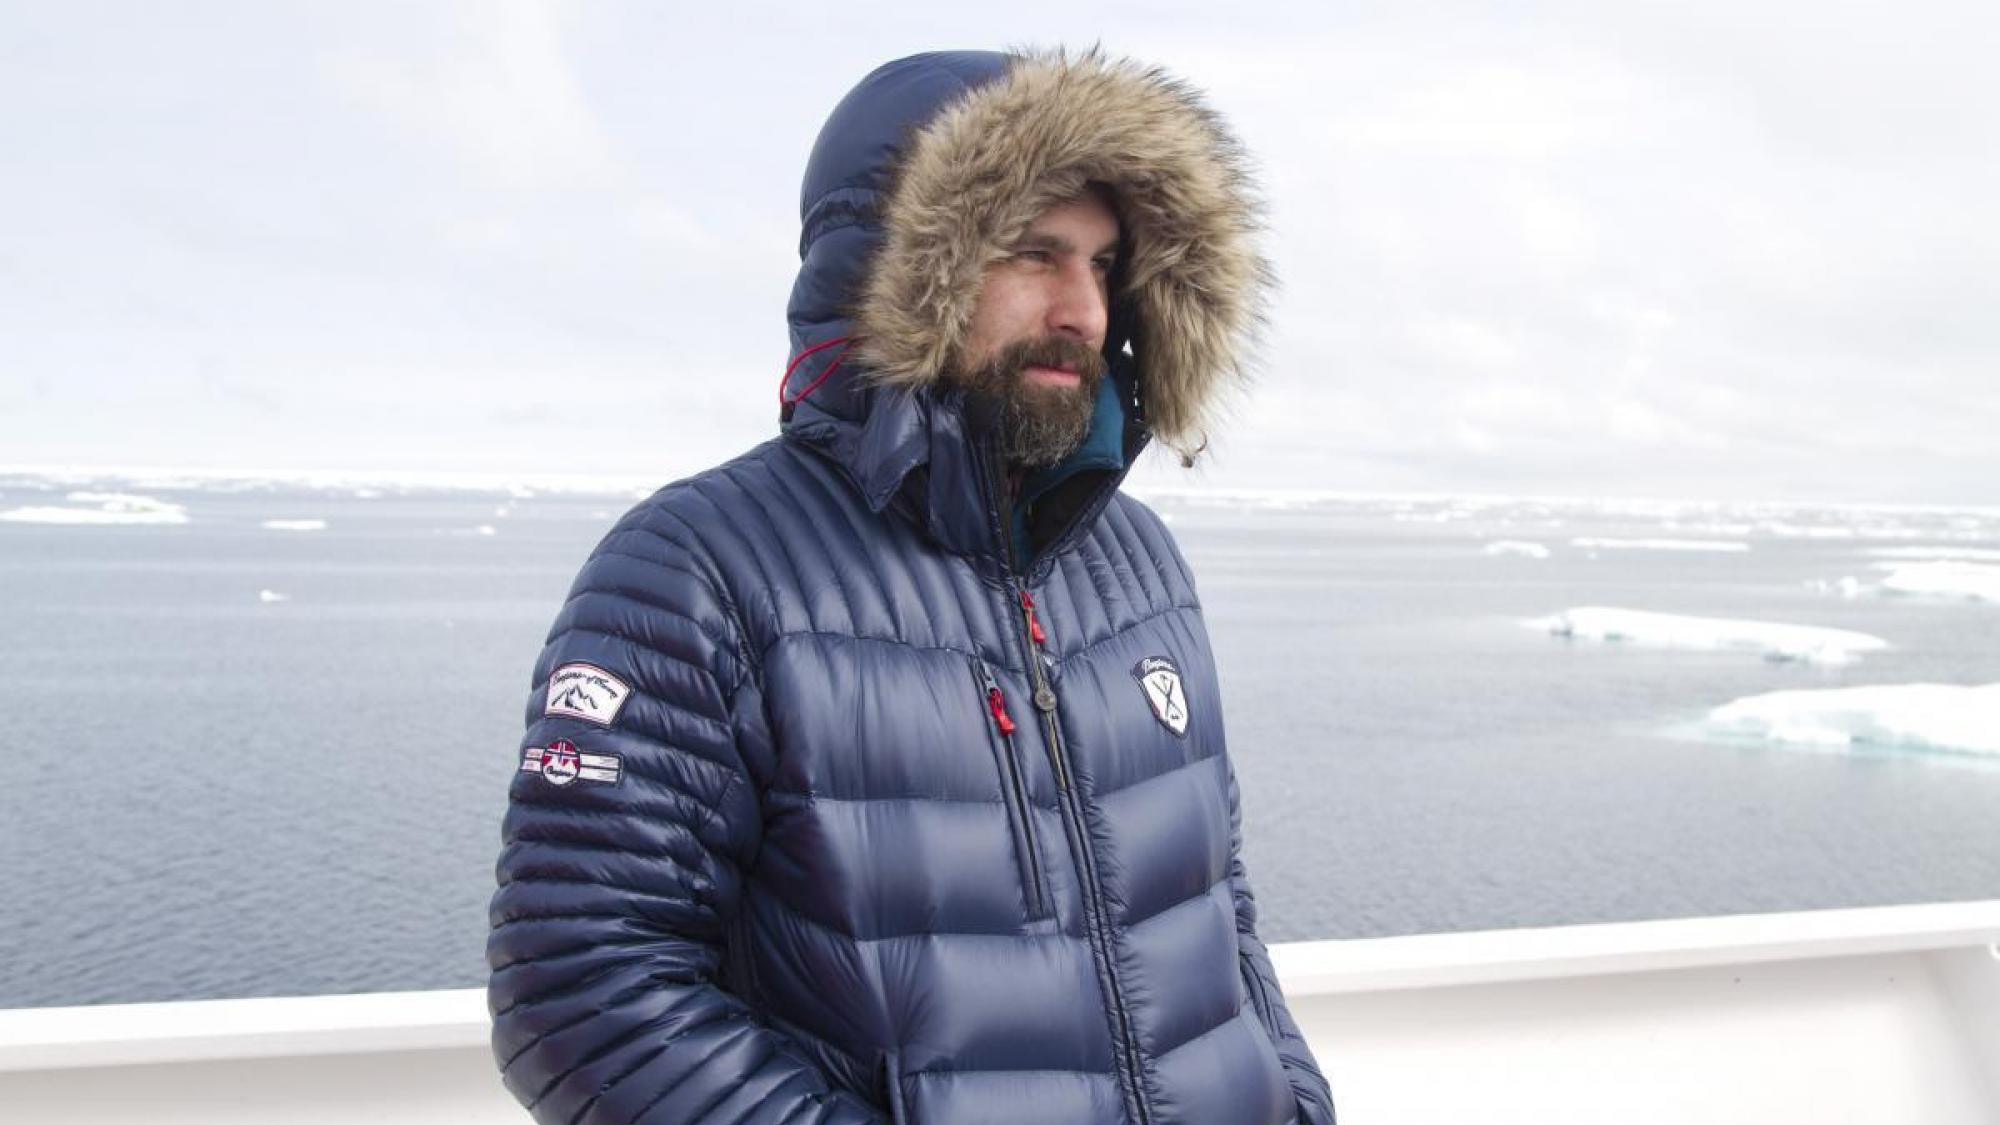 Roger Norum wearing hooded winter coat in arctic environment.